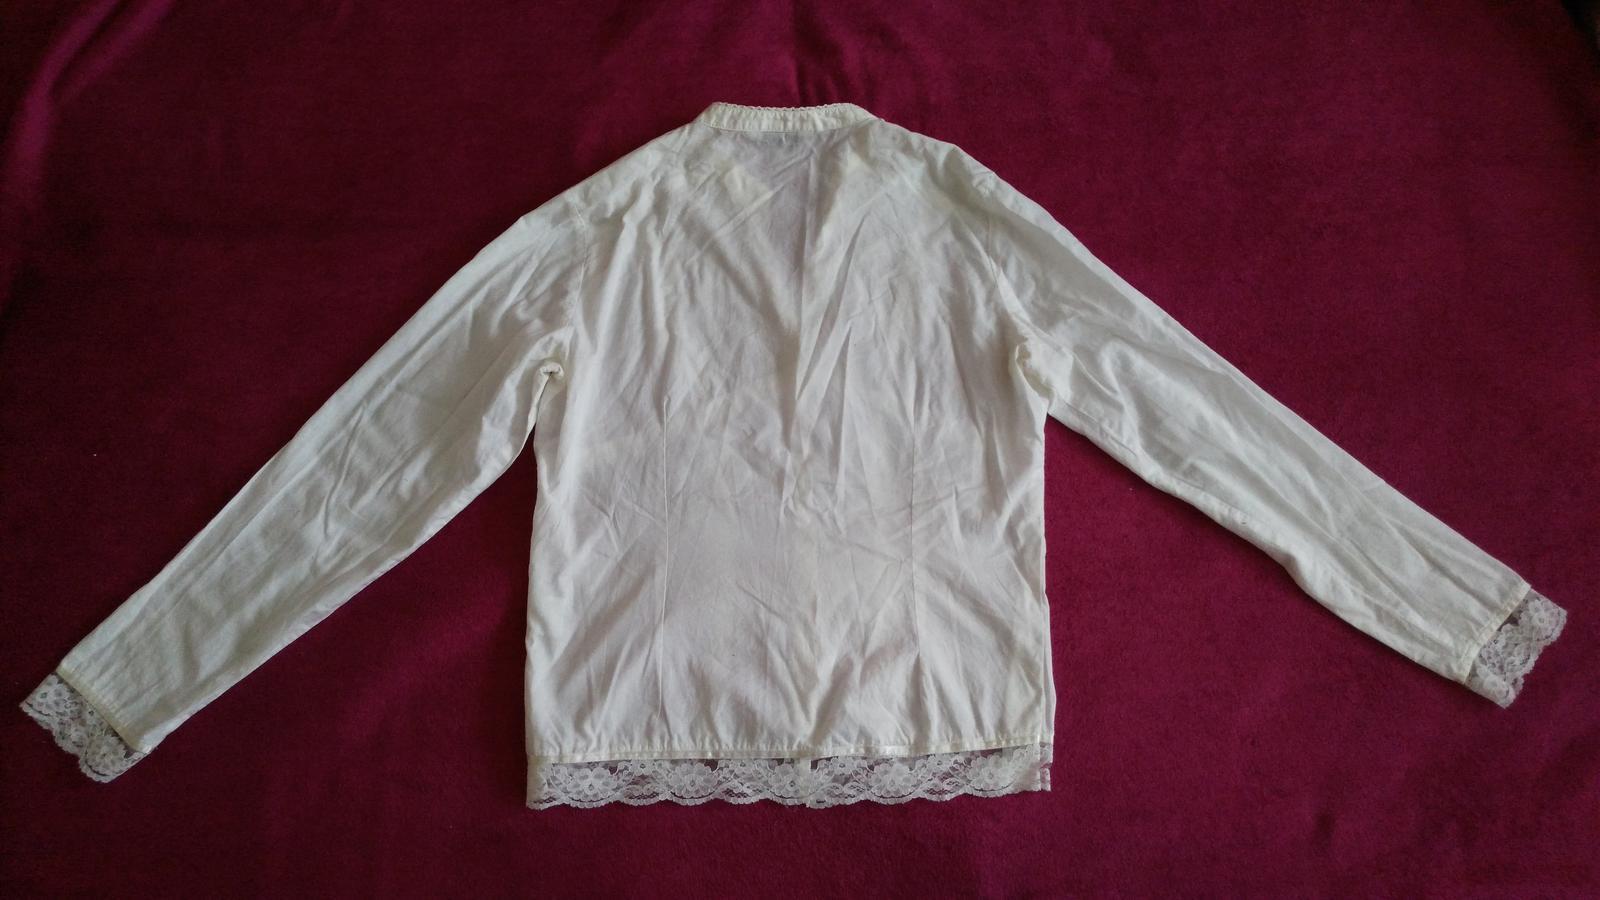 Biela blúzka s čipkou 40/L - Obrázok č. 3